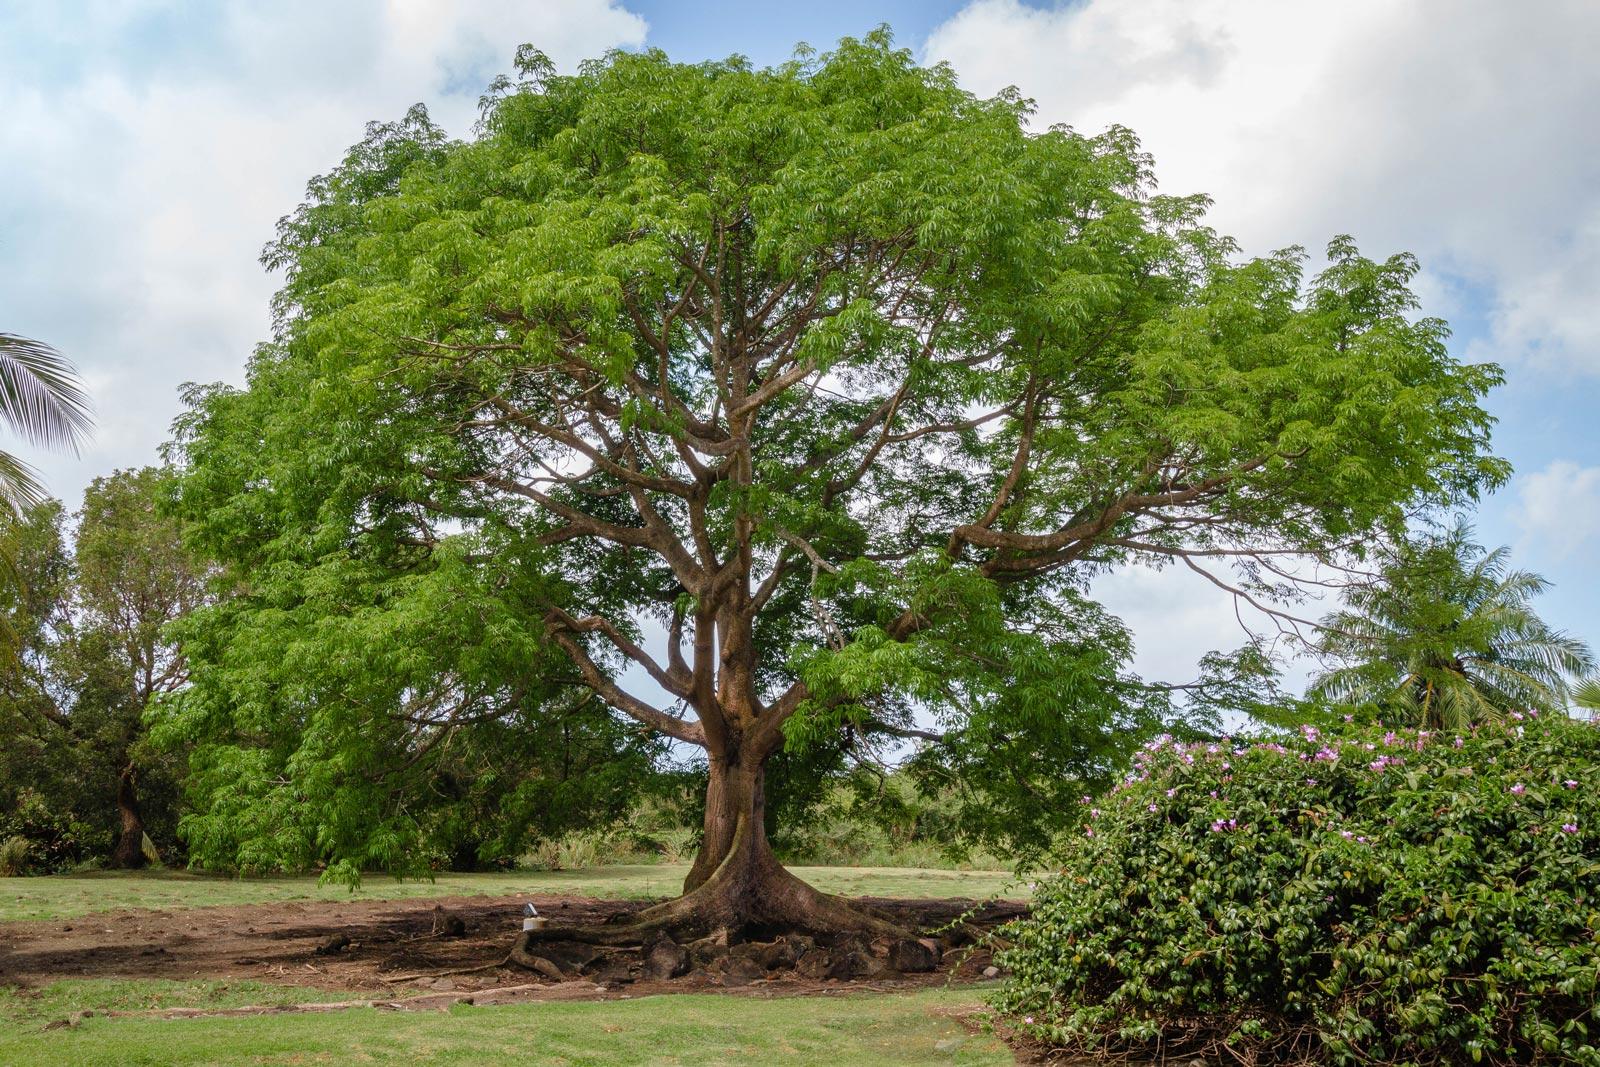 martinique, plantation trois rivieres : arbre centenaire